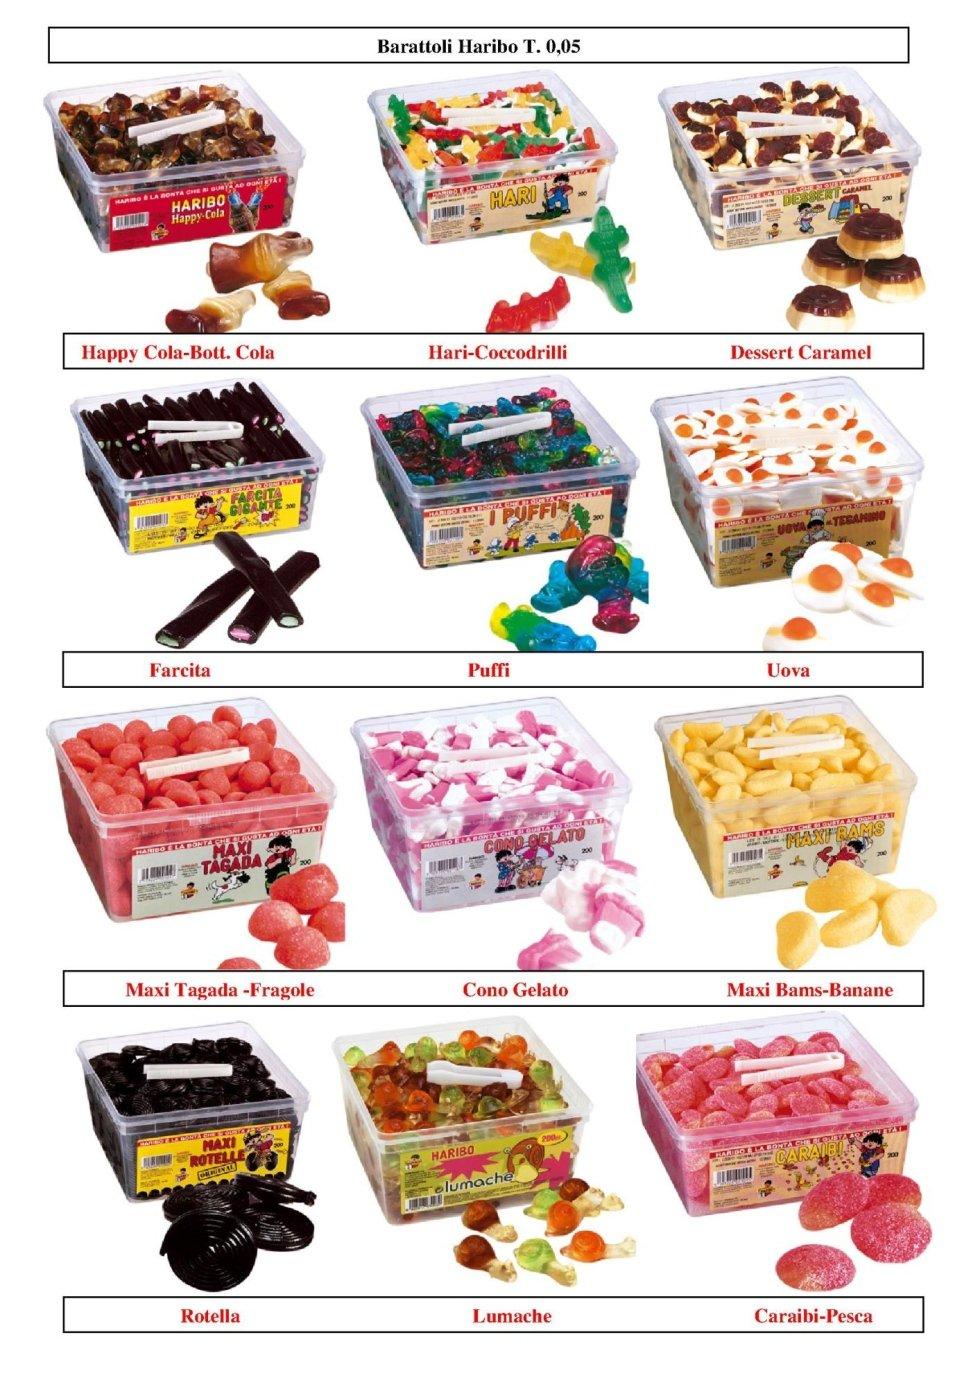 tutto per bambini, caramelle